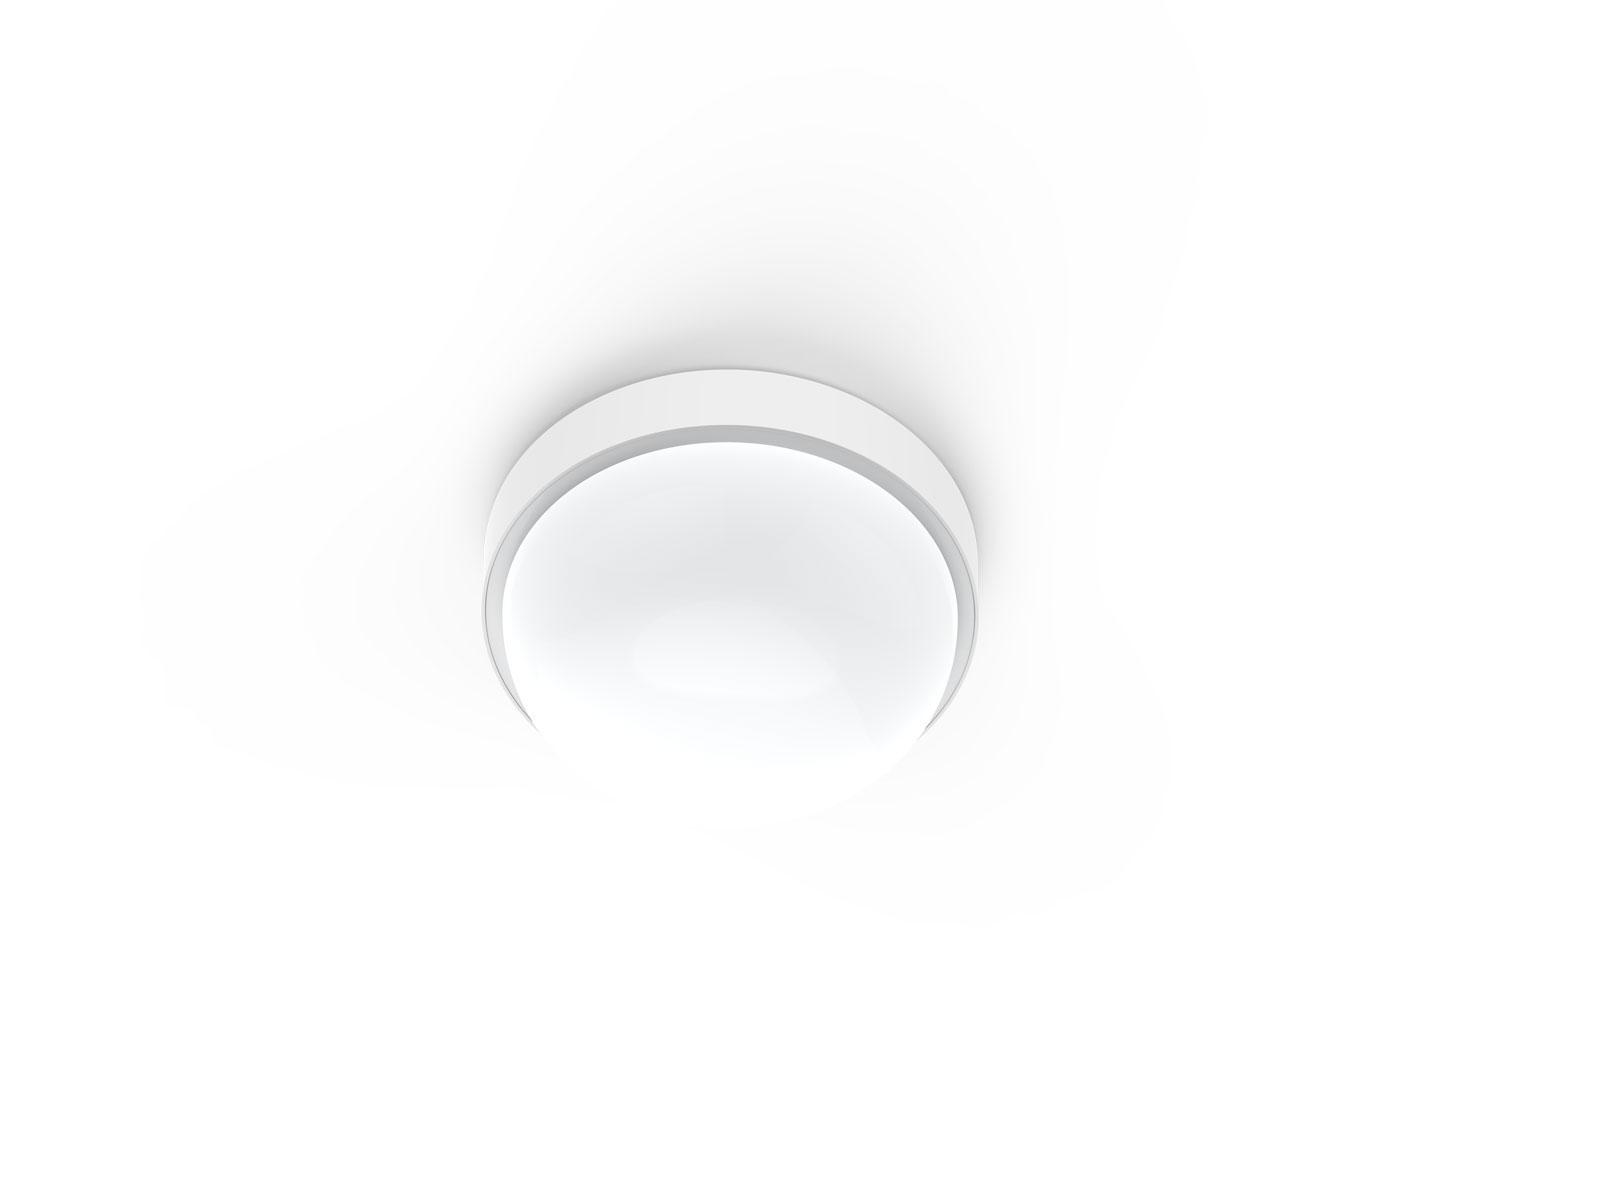 Al71 300mm waterproof bathroom ceiling light fixtures - Waterproof bathroom ceiling lights ...